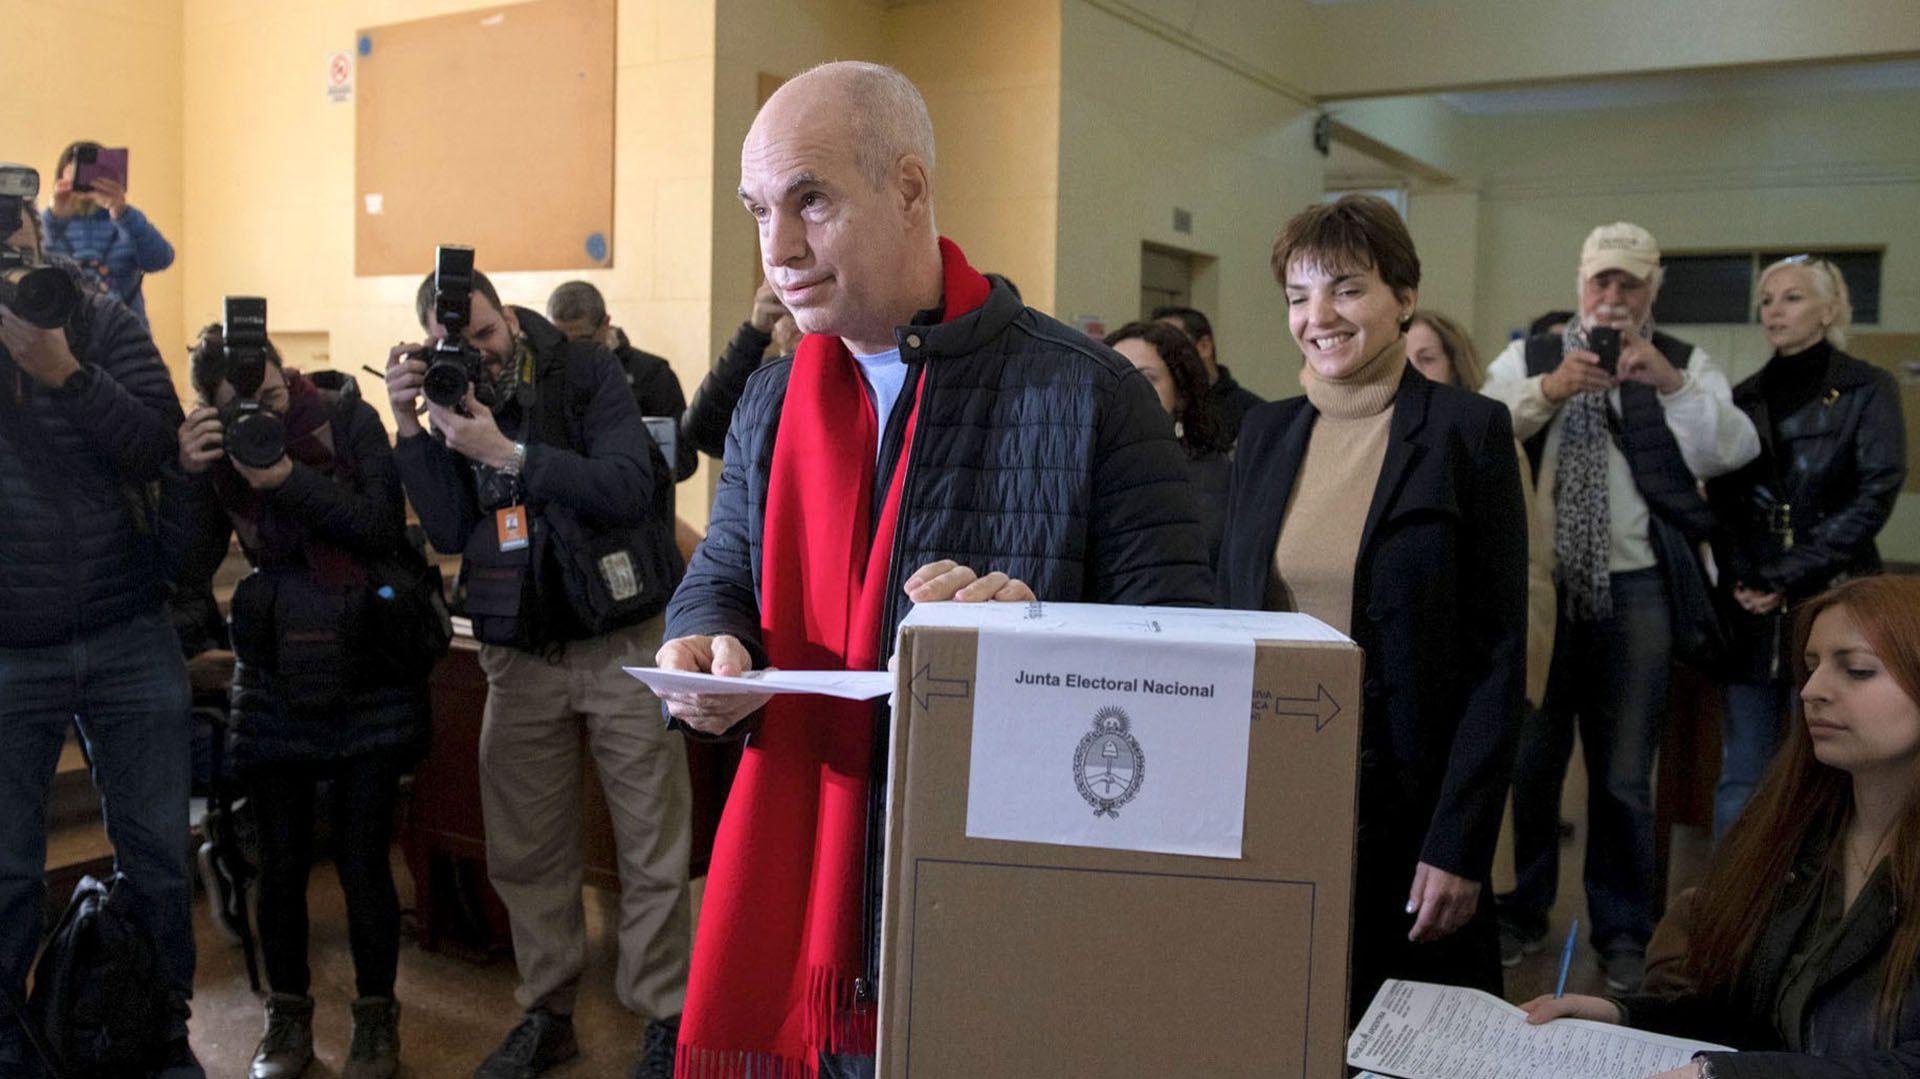 El jefe de Gobierno porteño, Horacio Rodríguez Larreta, arrancó el día temprano. Desayunó con candidatos en el Tortoni y fue a votar junto a su mujer, Bárbara Diez